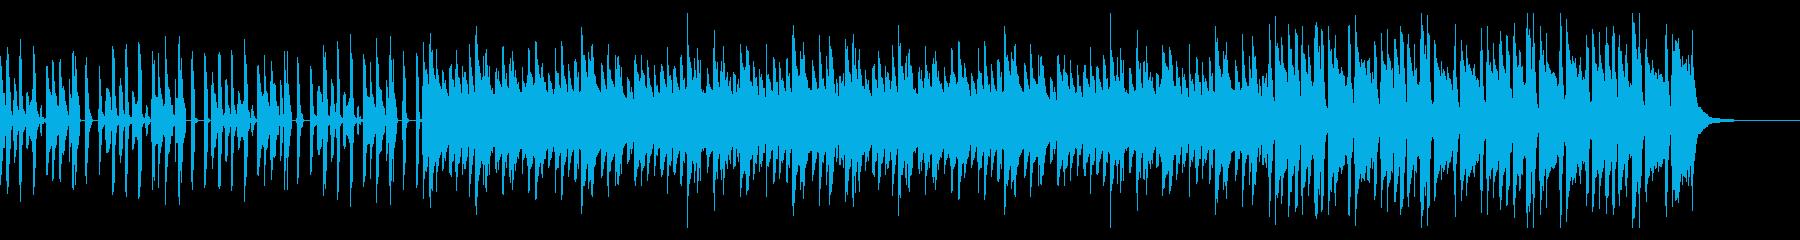 生演奏 ウクレレ ポップ 楽しいの再生済みの波形